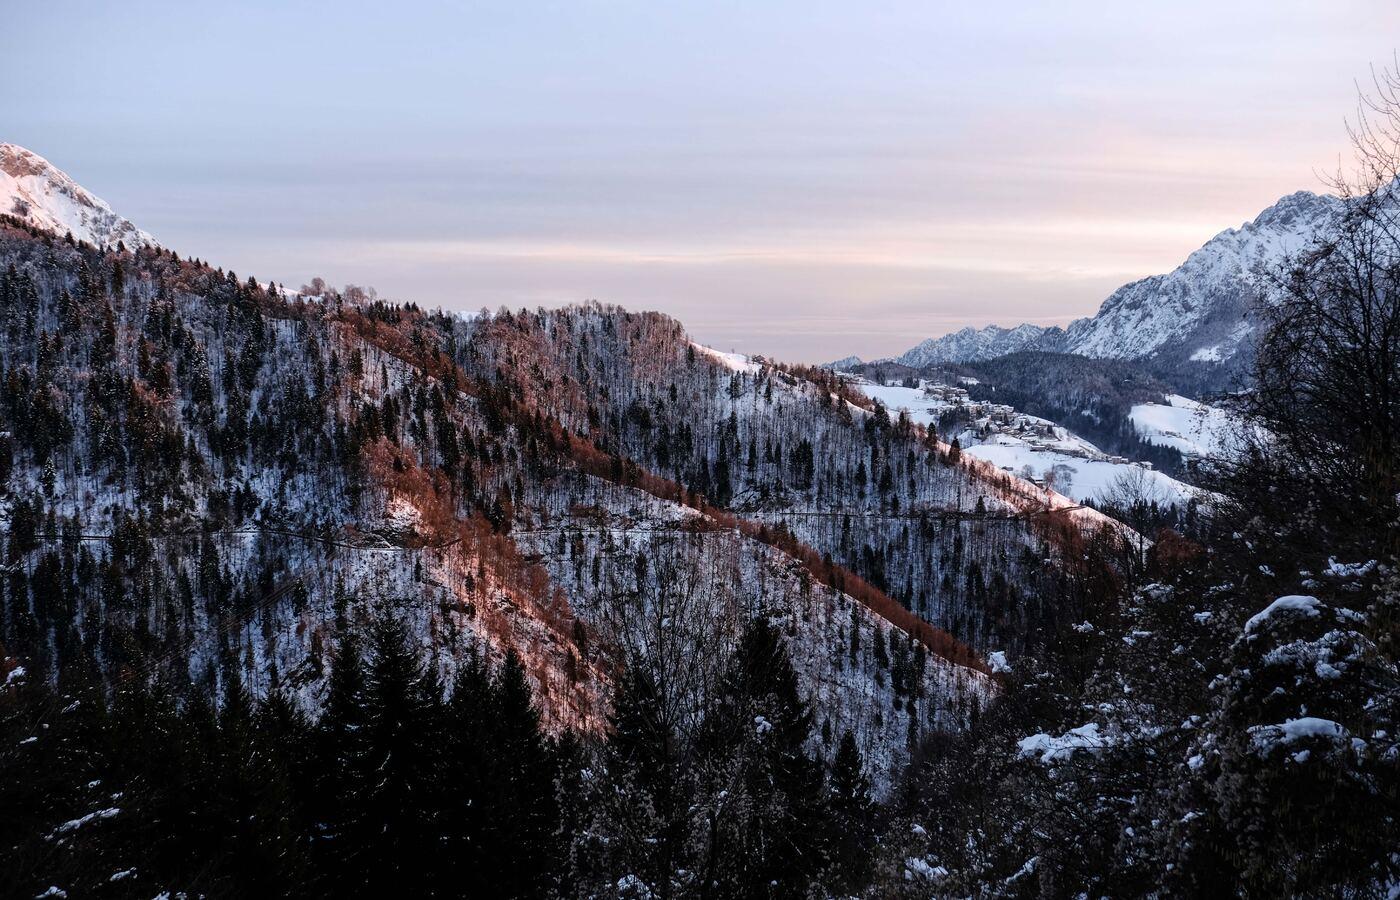 brown-white-mountains-5k-l2.jpg